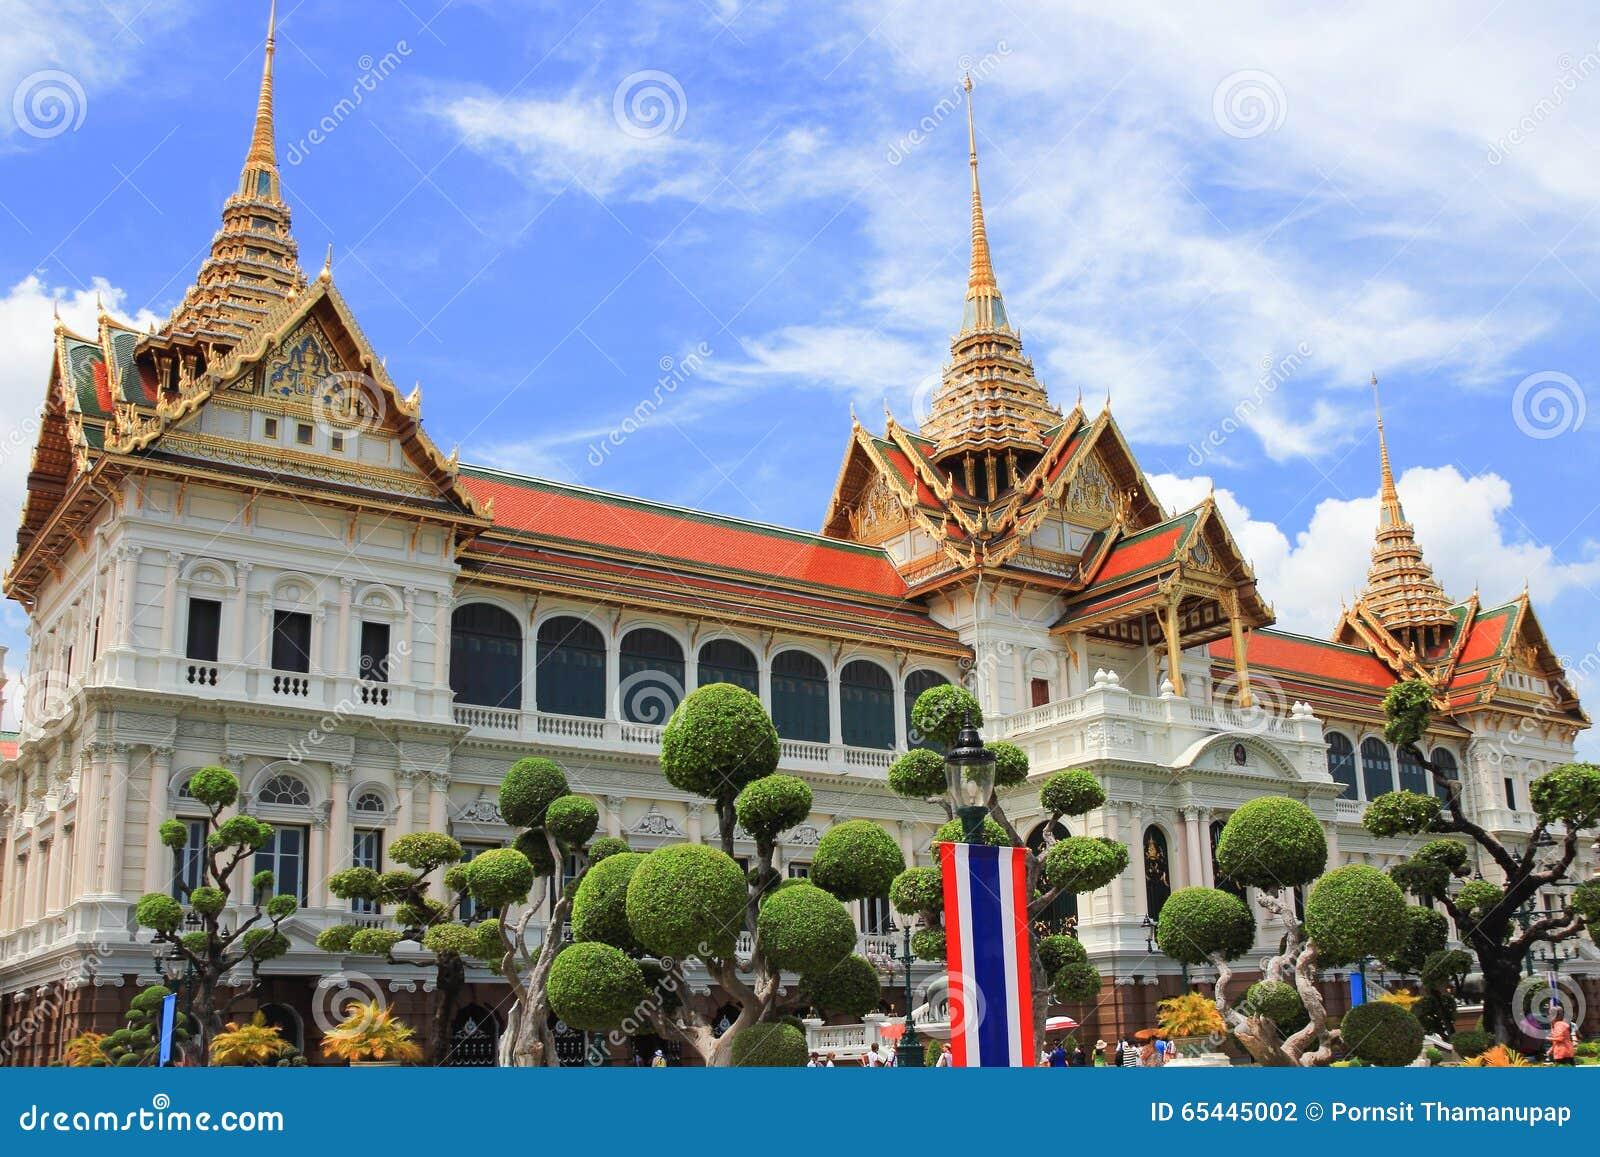 Buckingham Palace Facts Thailand Bangkok King Palace Stock Photo Image Of Exotic